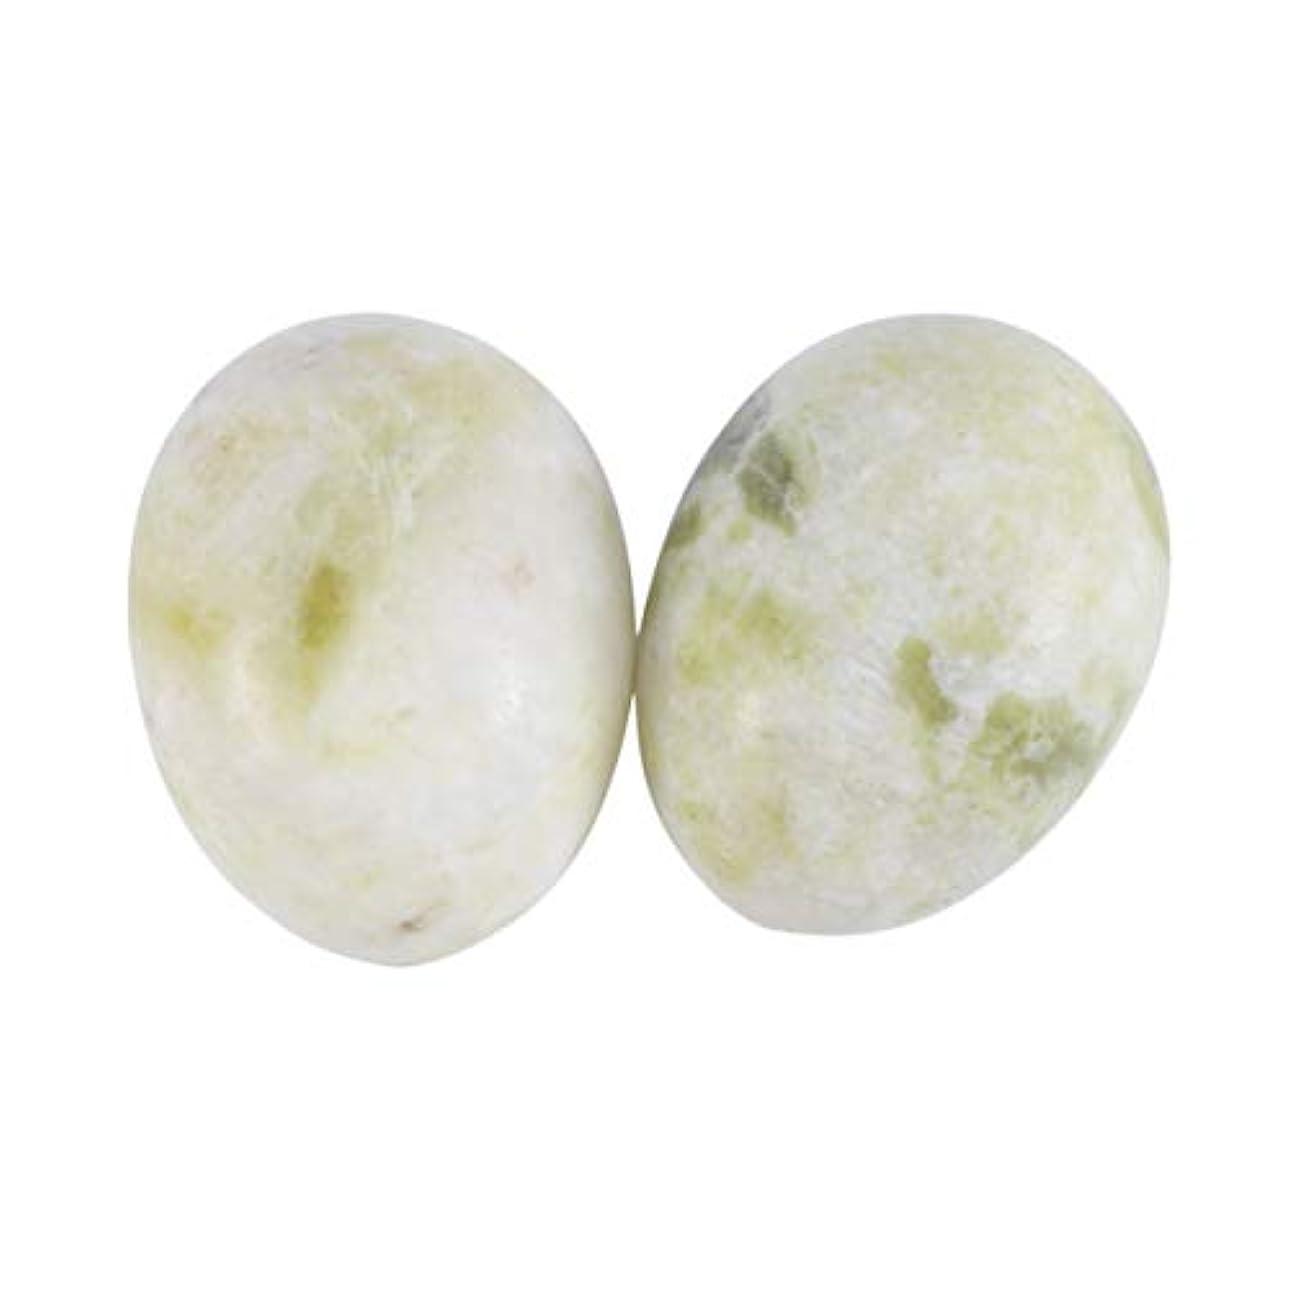 執着備品ネストSUPVOX 6本ネフライトジェイドヨニエッグジェイドヨニマッサージストーンチャクラ骨盤筋肉癒しの卵マッサージケゲルエクササイズ(Lantian Jade Egg)